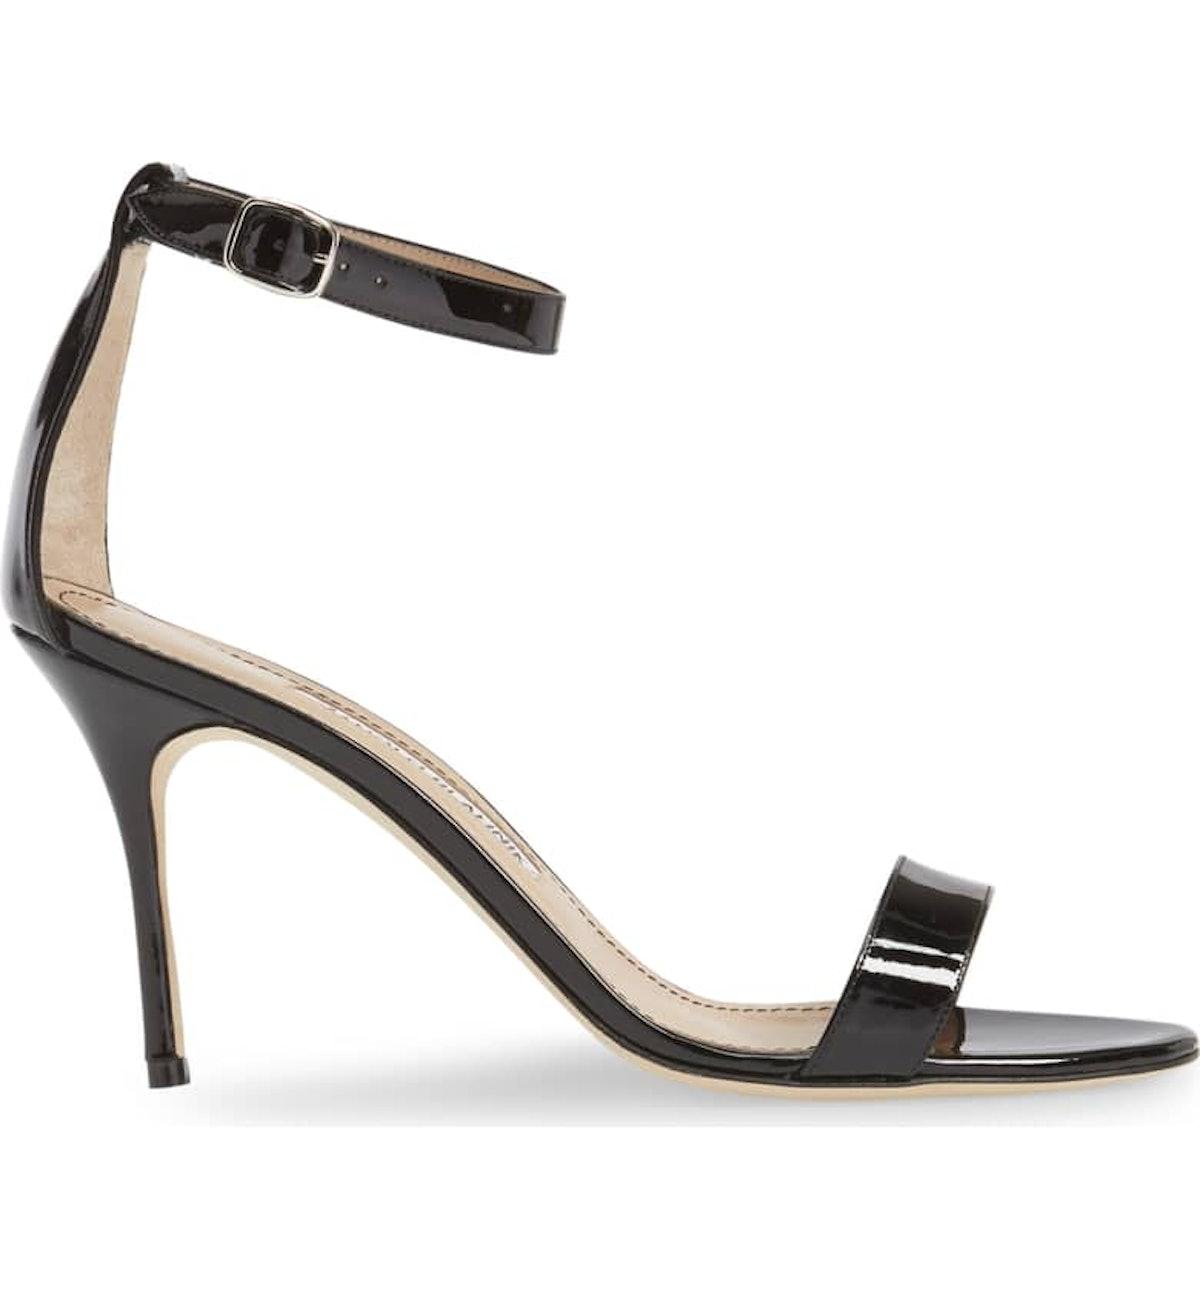 Chaos Ankle Strap Sandal